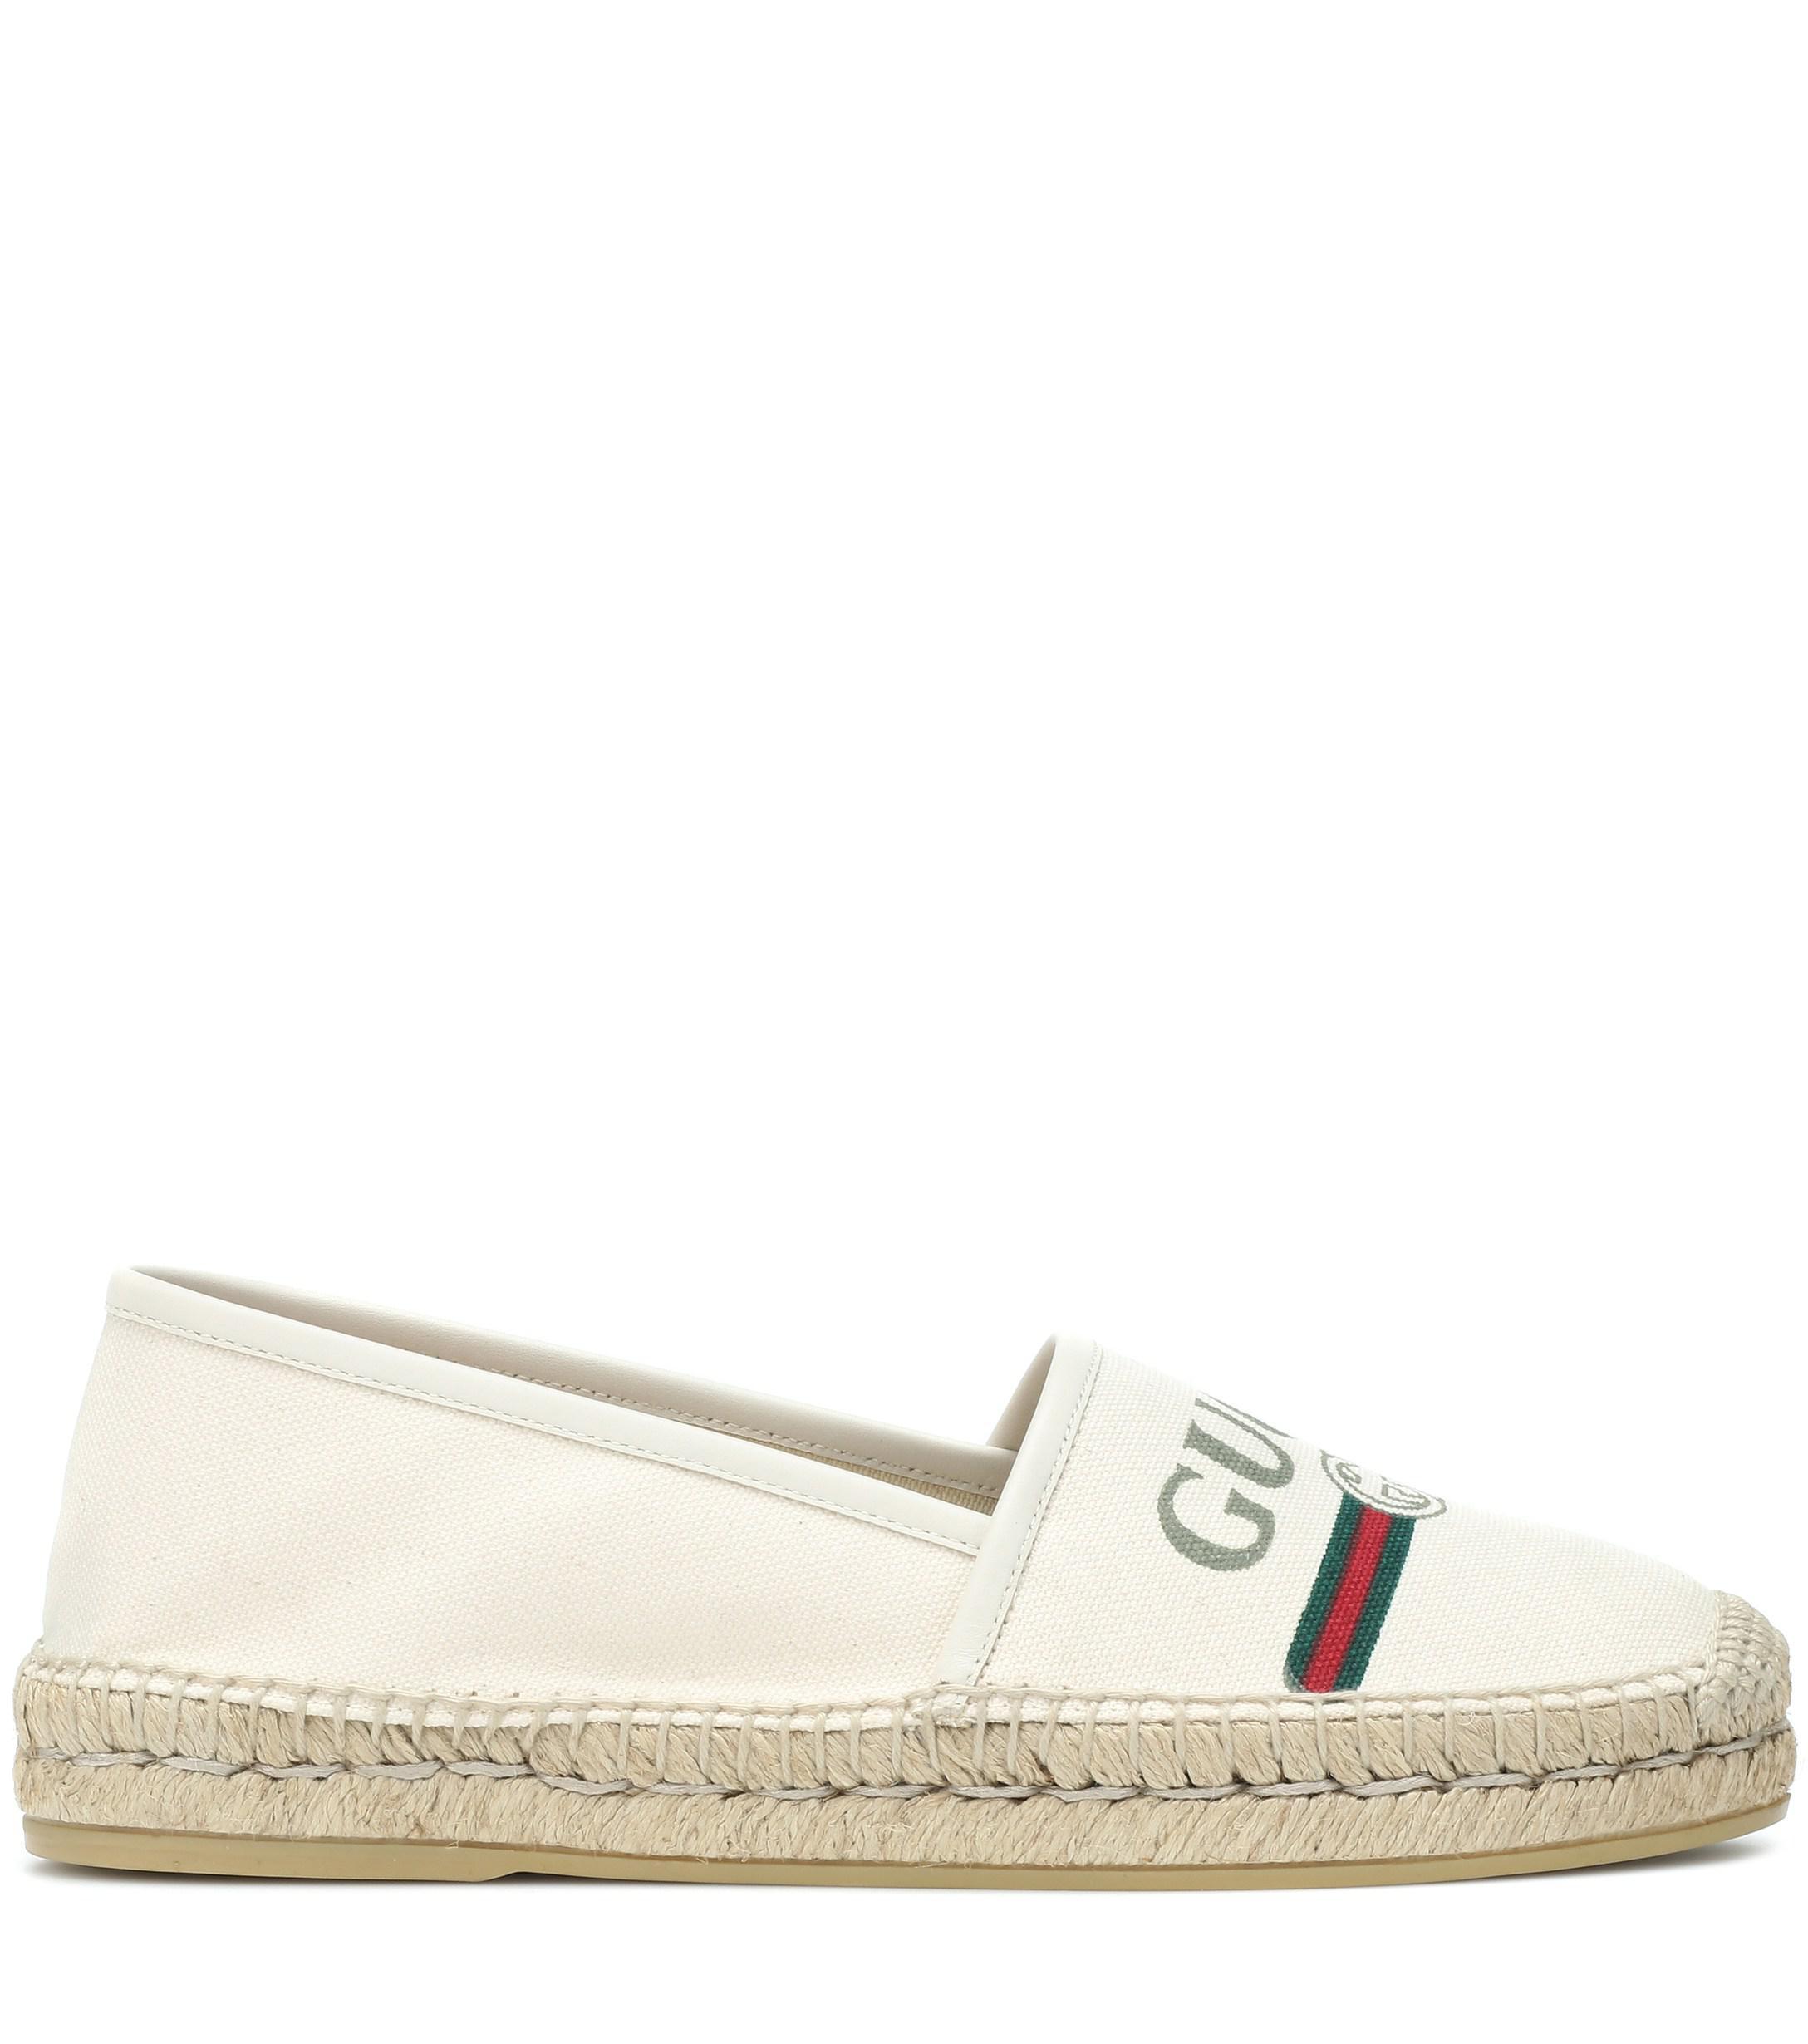 da90fffd8 Gucci Logo Espadrilles in White - Save 12% - Lyst